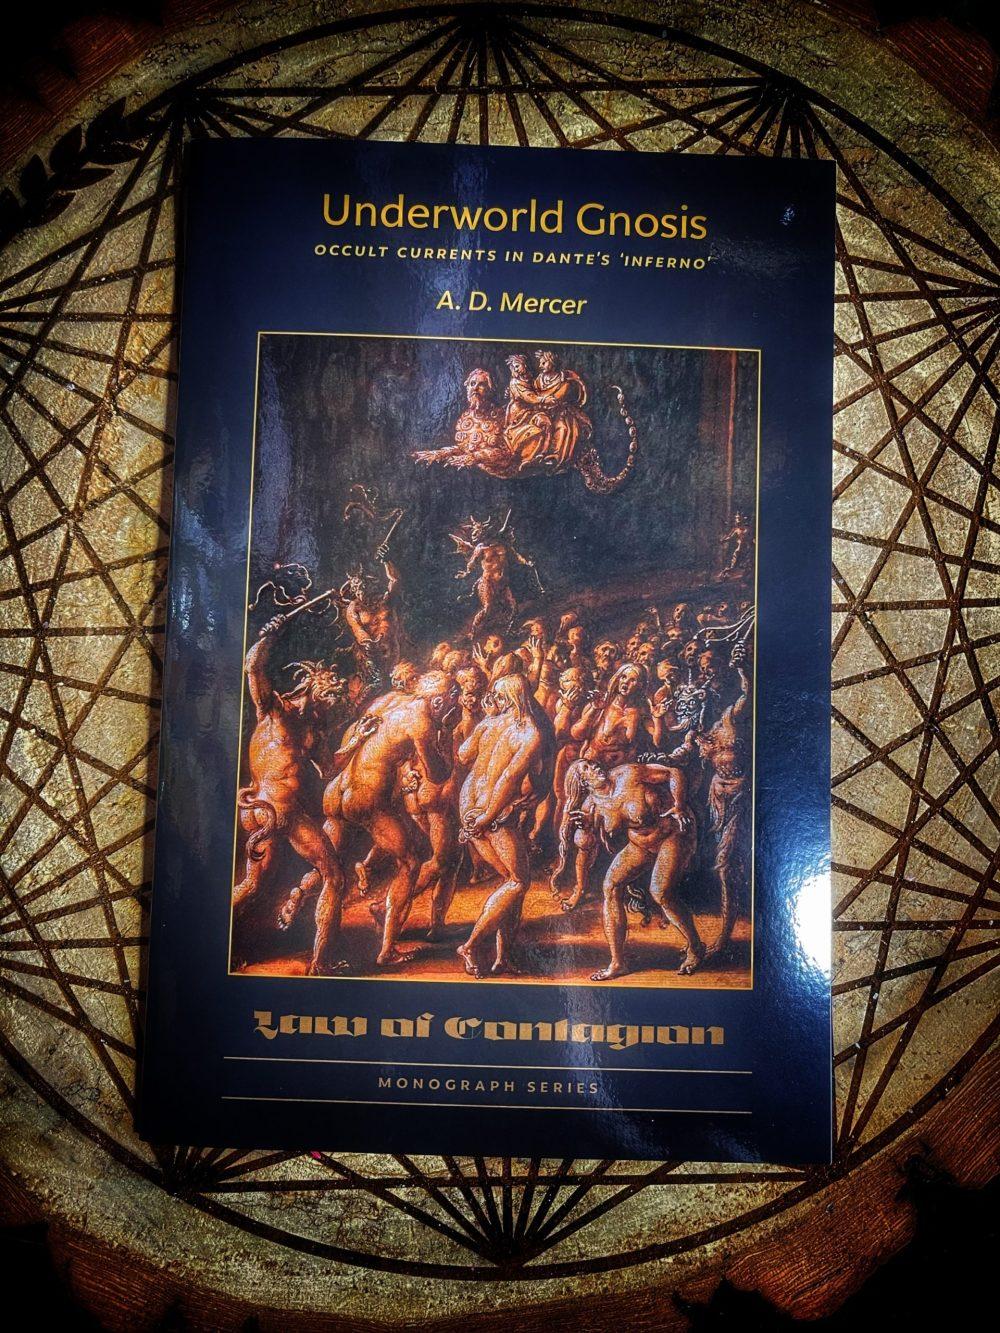 Underworld Gnosis Three Hands Press